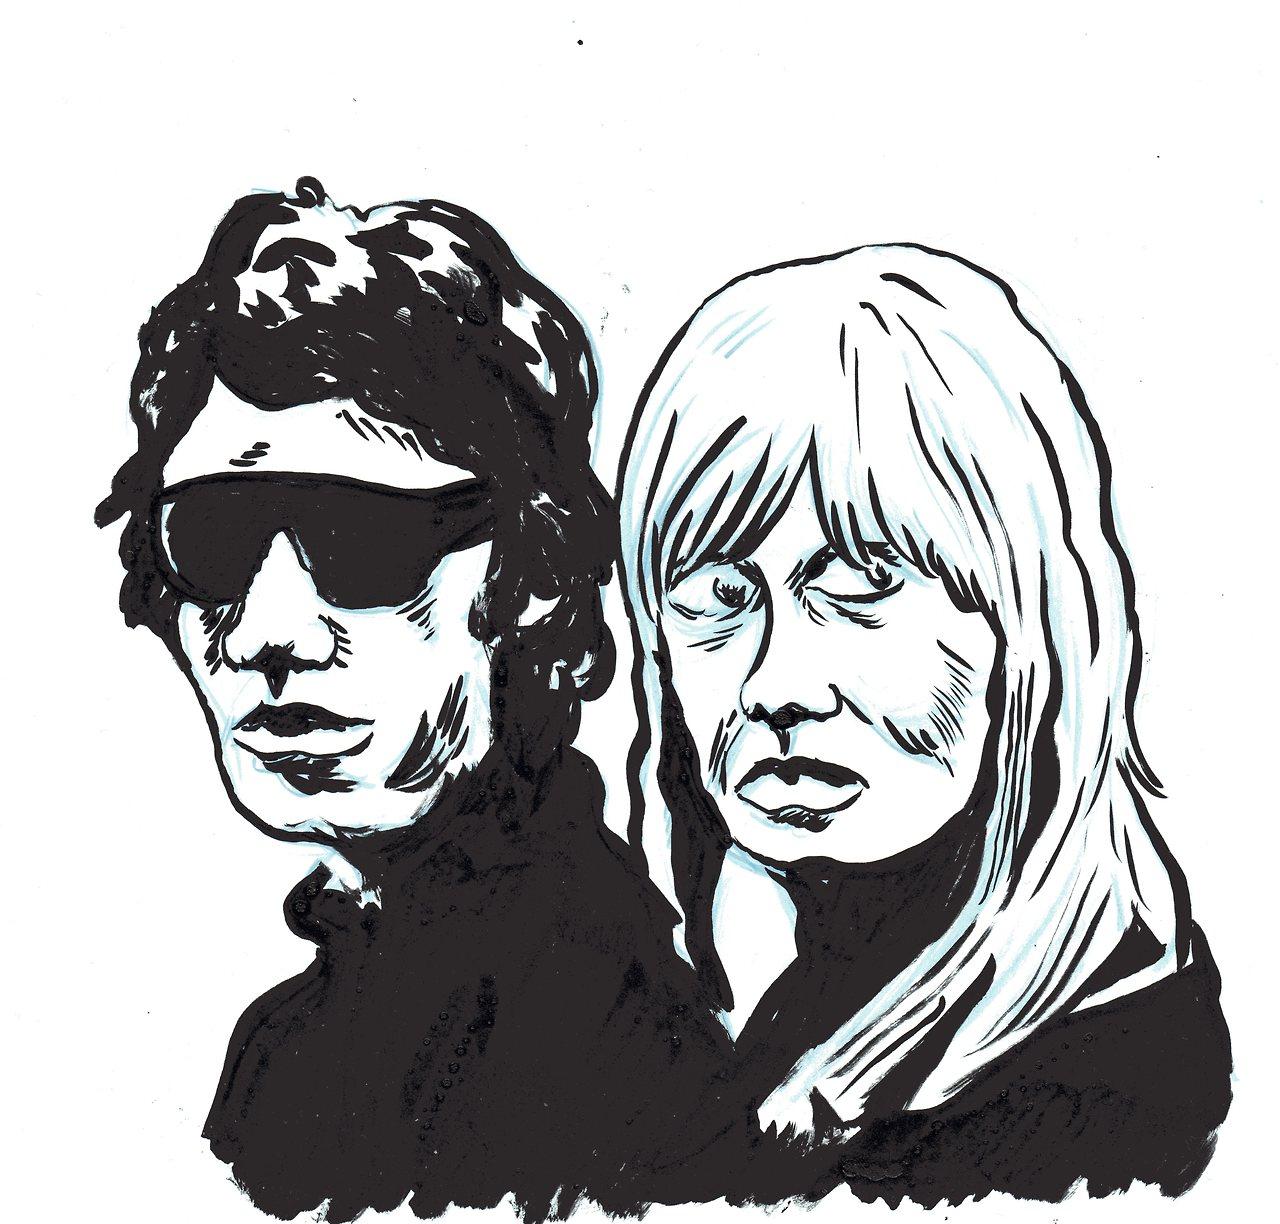 Nico and Lou